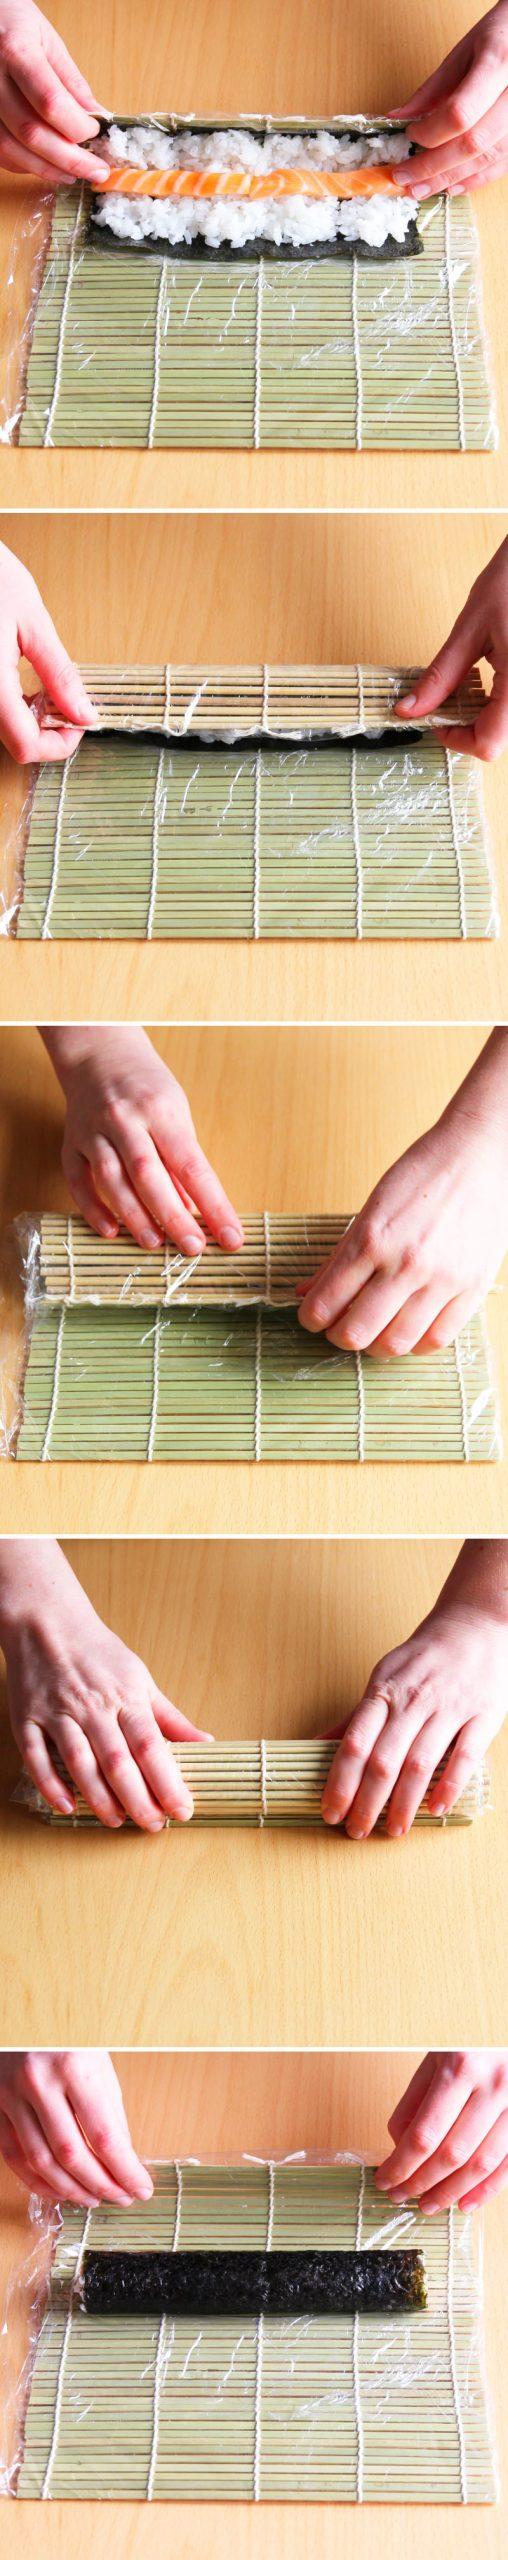 Hosomaki Schritt 8 Sushi-Rolle formen